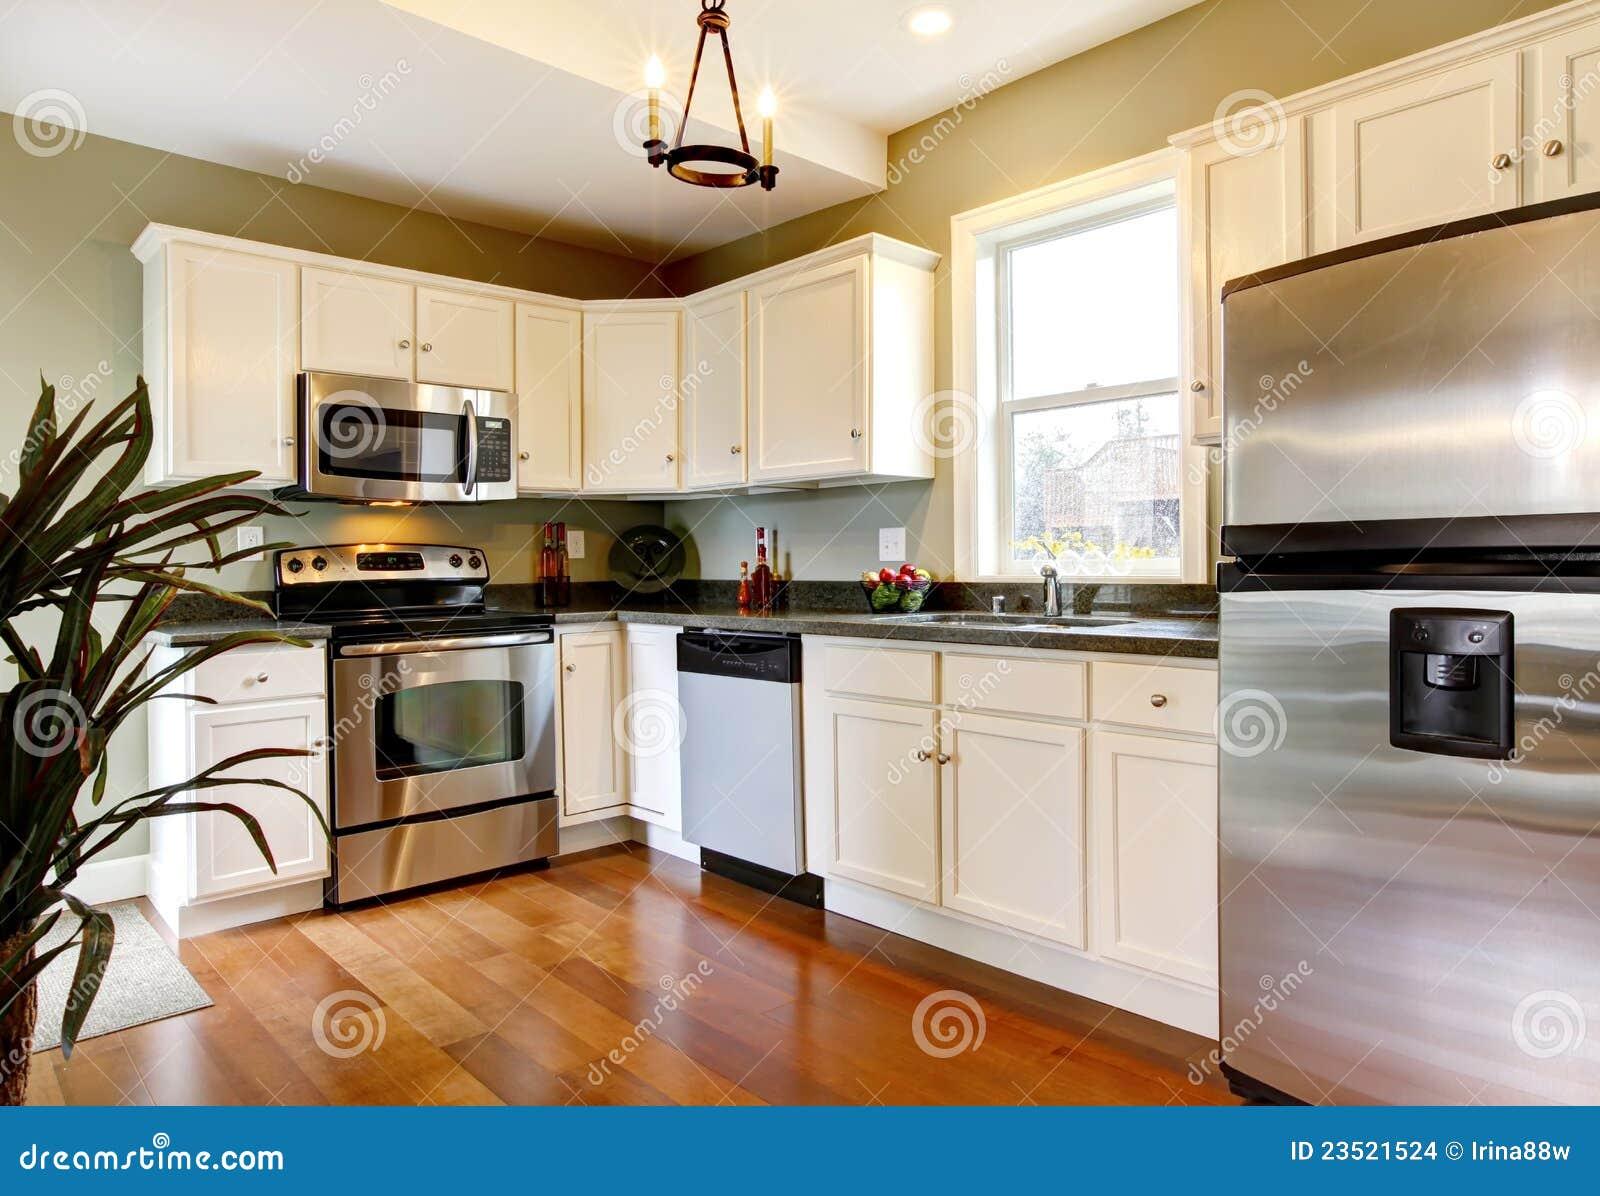 Nuova cucina bianca e verde classica fotografia stock immagine di lucido soffitto 23521524 - Cucina bianca classica ...